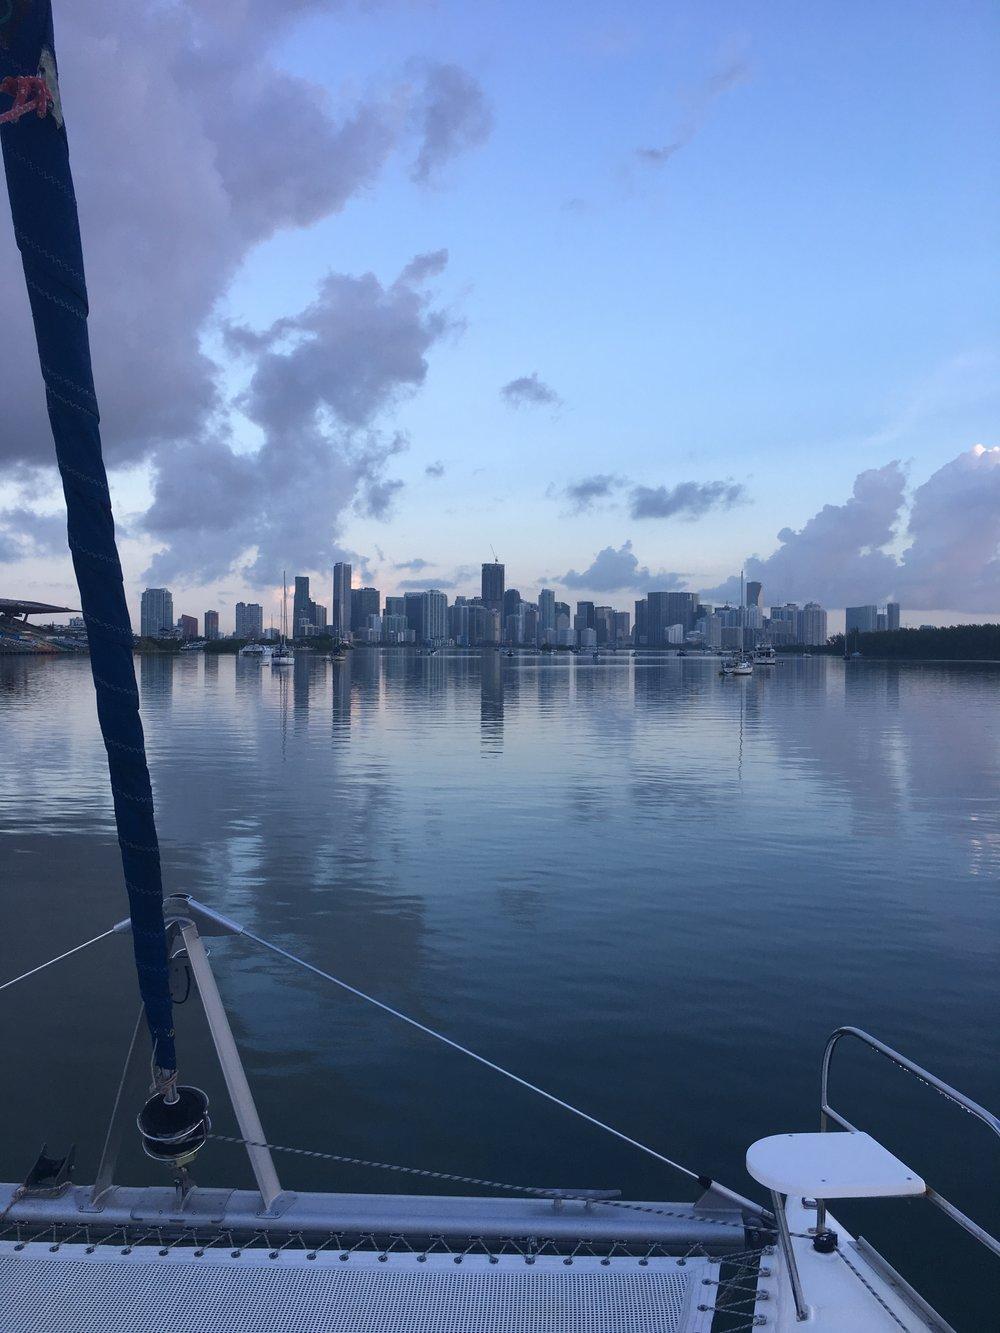 Miami at dawn